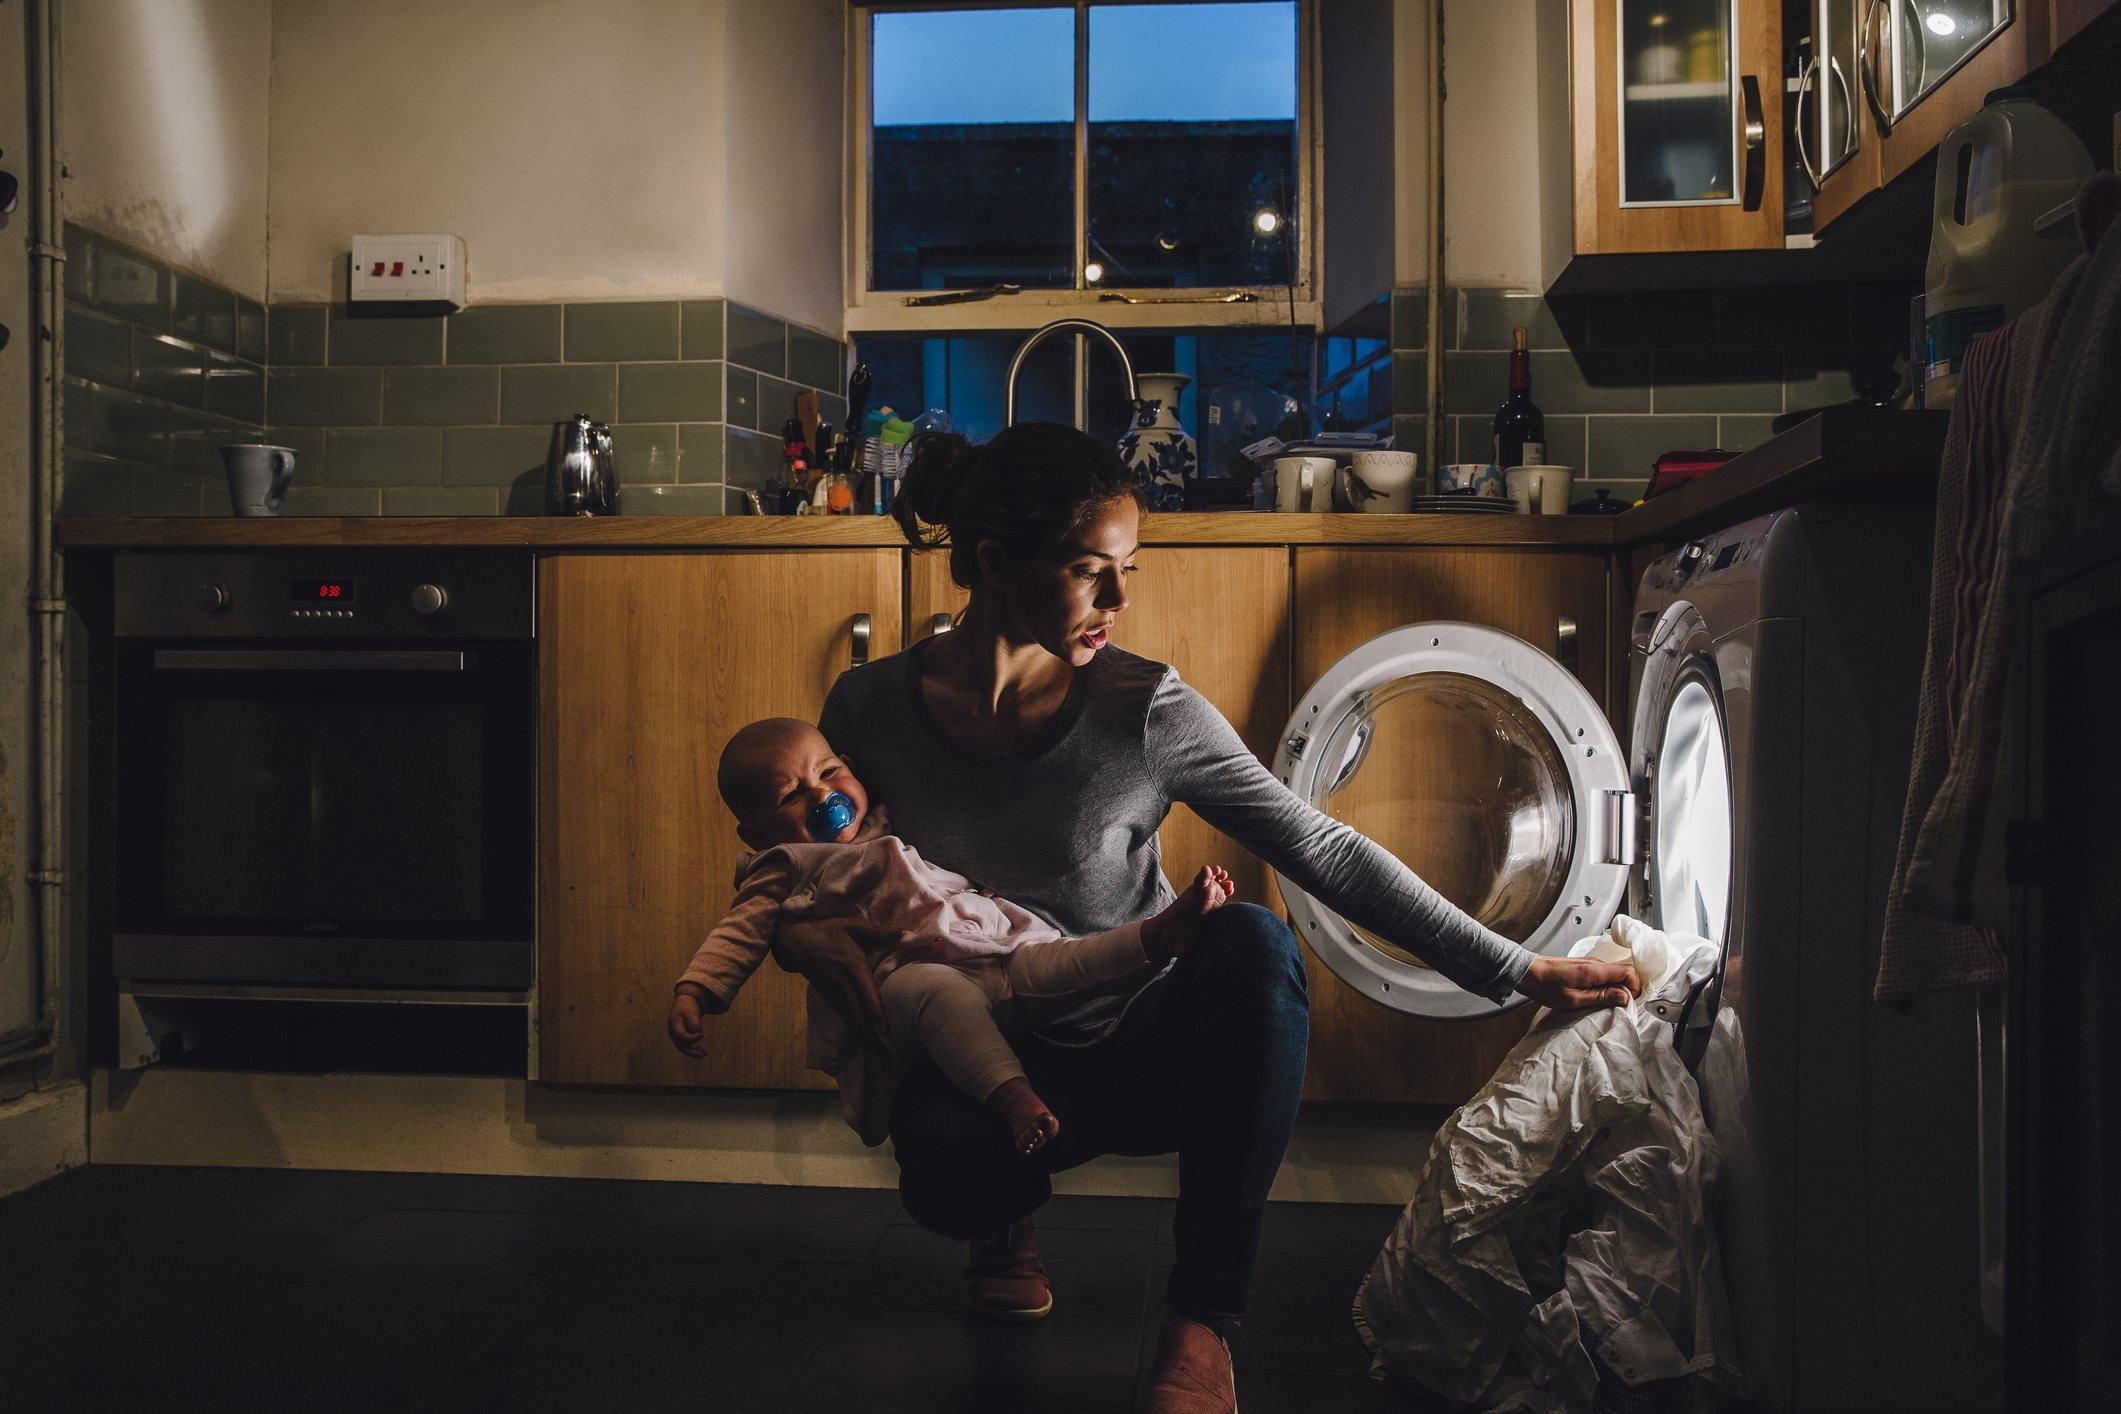 أم أثناء قيامها بالواجبات المنزلية مع طفلها